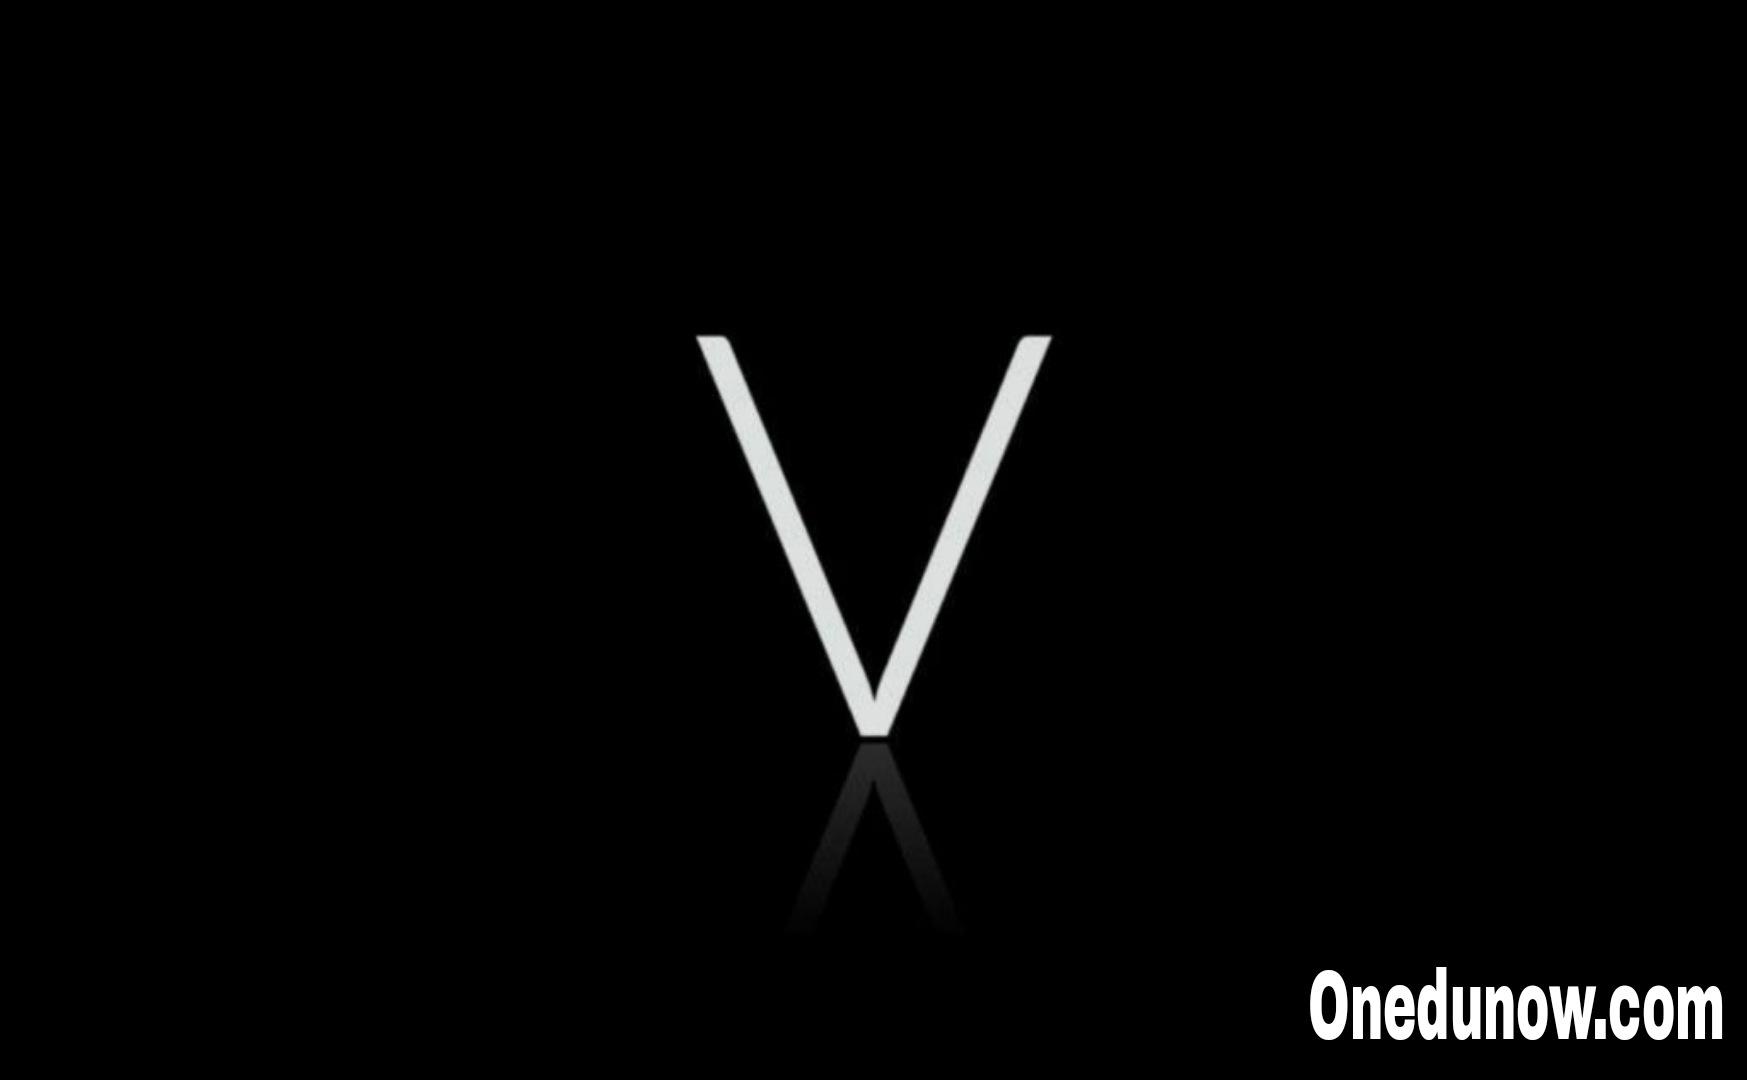 VIMAGE MOD APK V3.1.7.2 Download (Pro Unlocked)